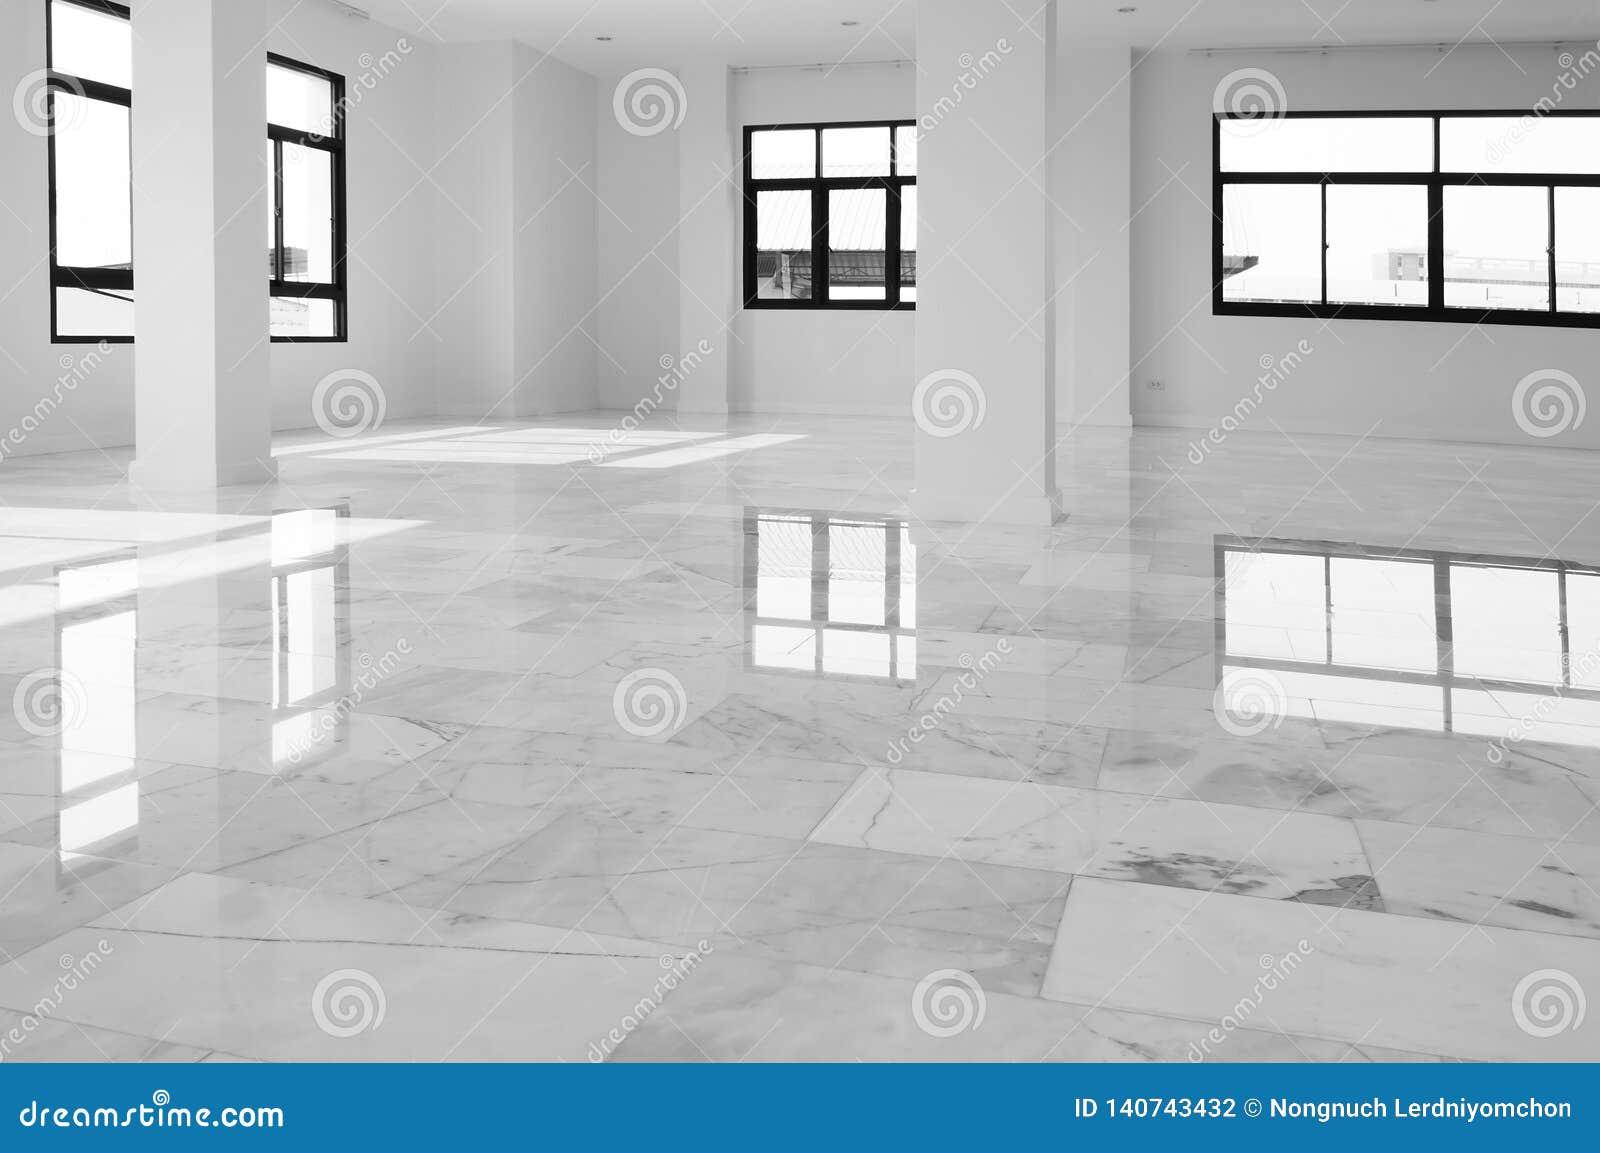 Binnenland van lege flat, brede ruimte met marmeren vloer Wit met grijze marmeren vloer binnenlandse achtergrond Wit marmer, kwar